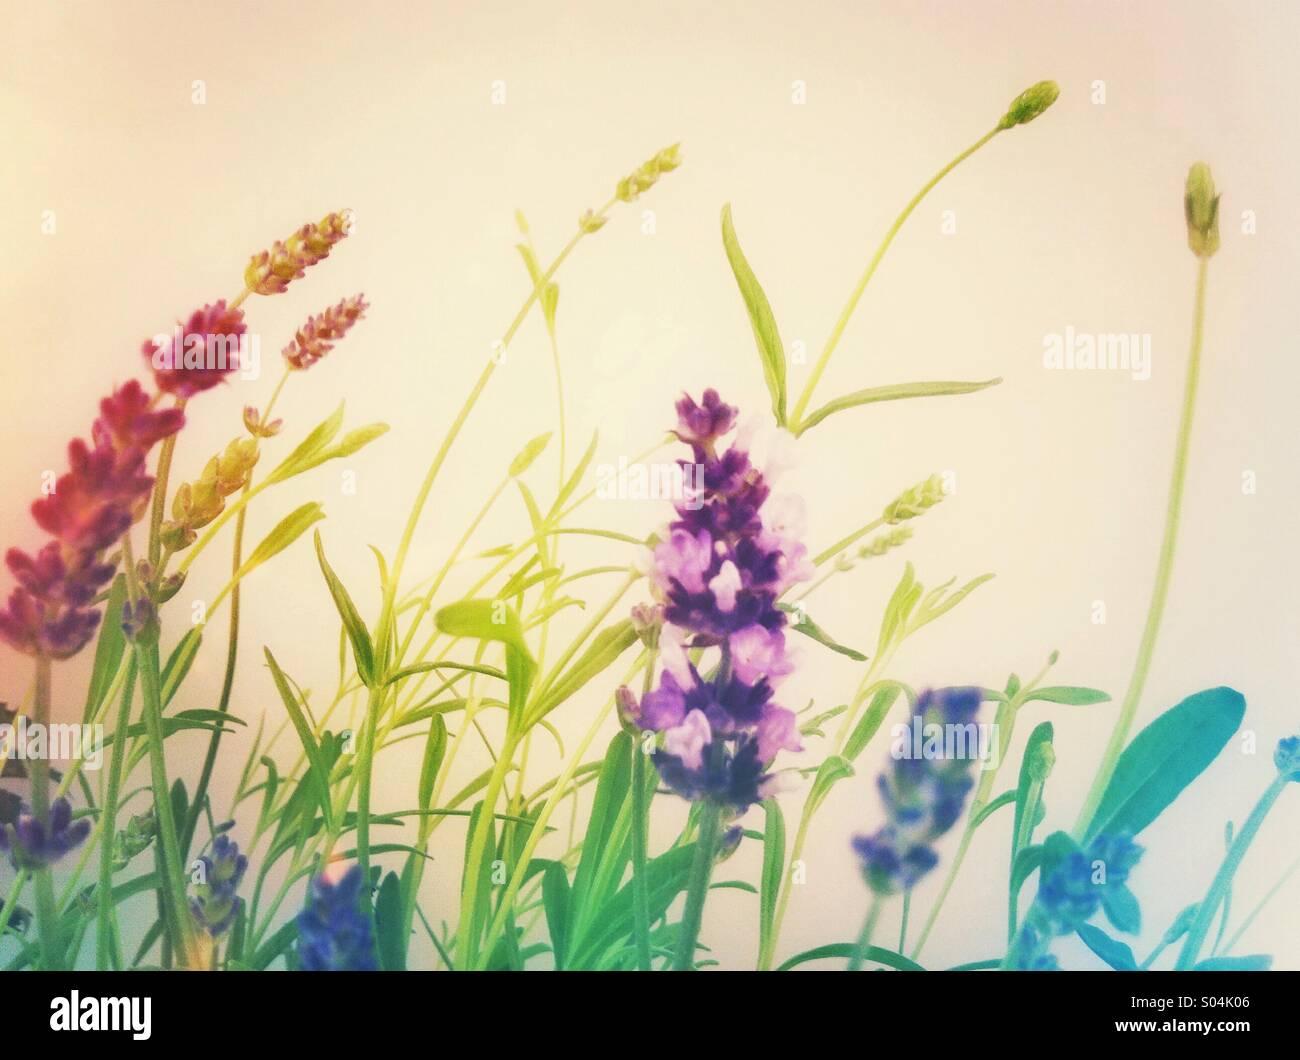 Lavendel blühende Pflanze Stockbild